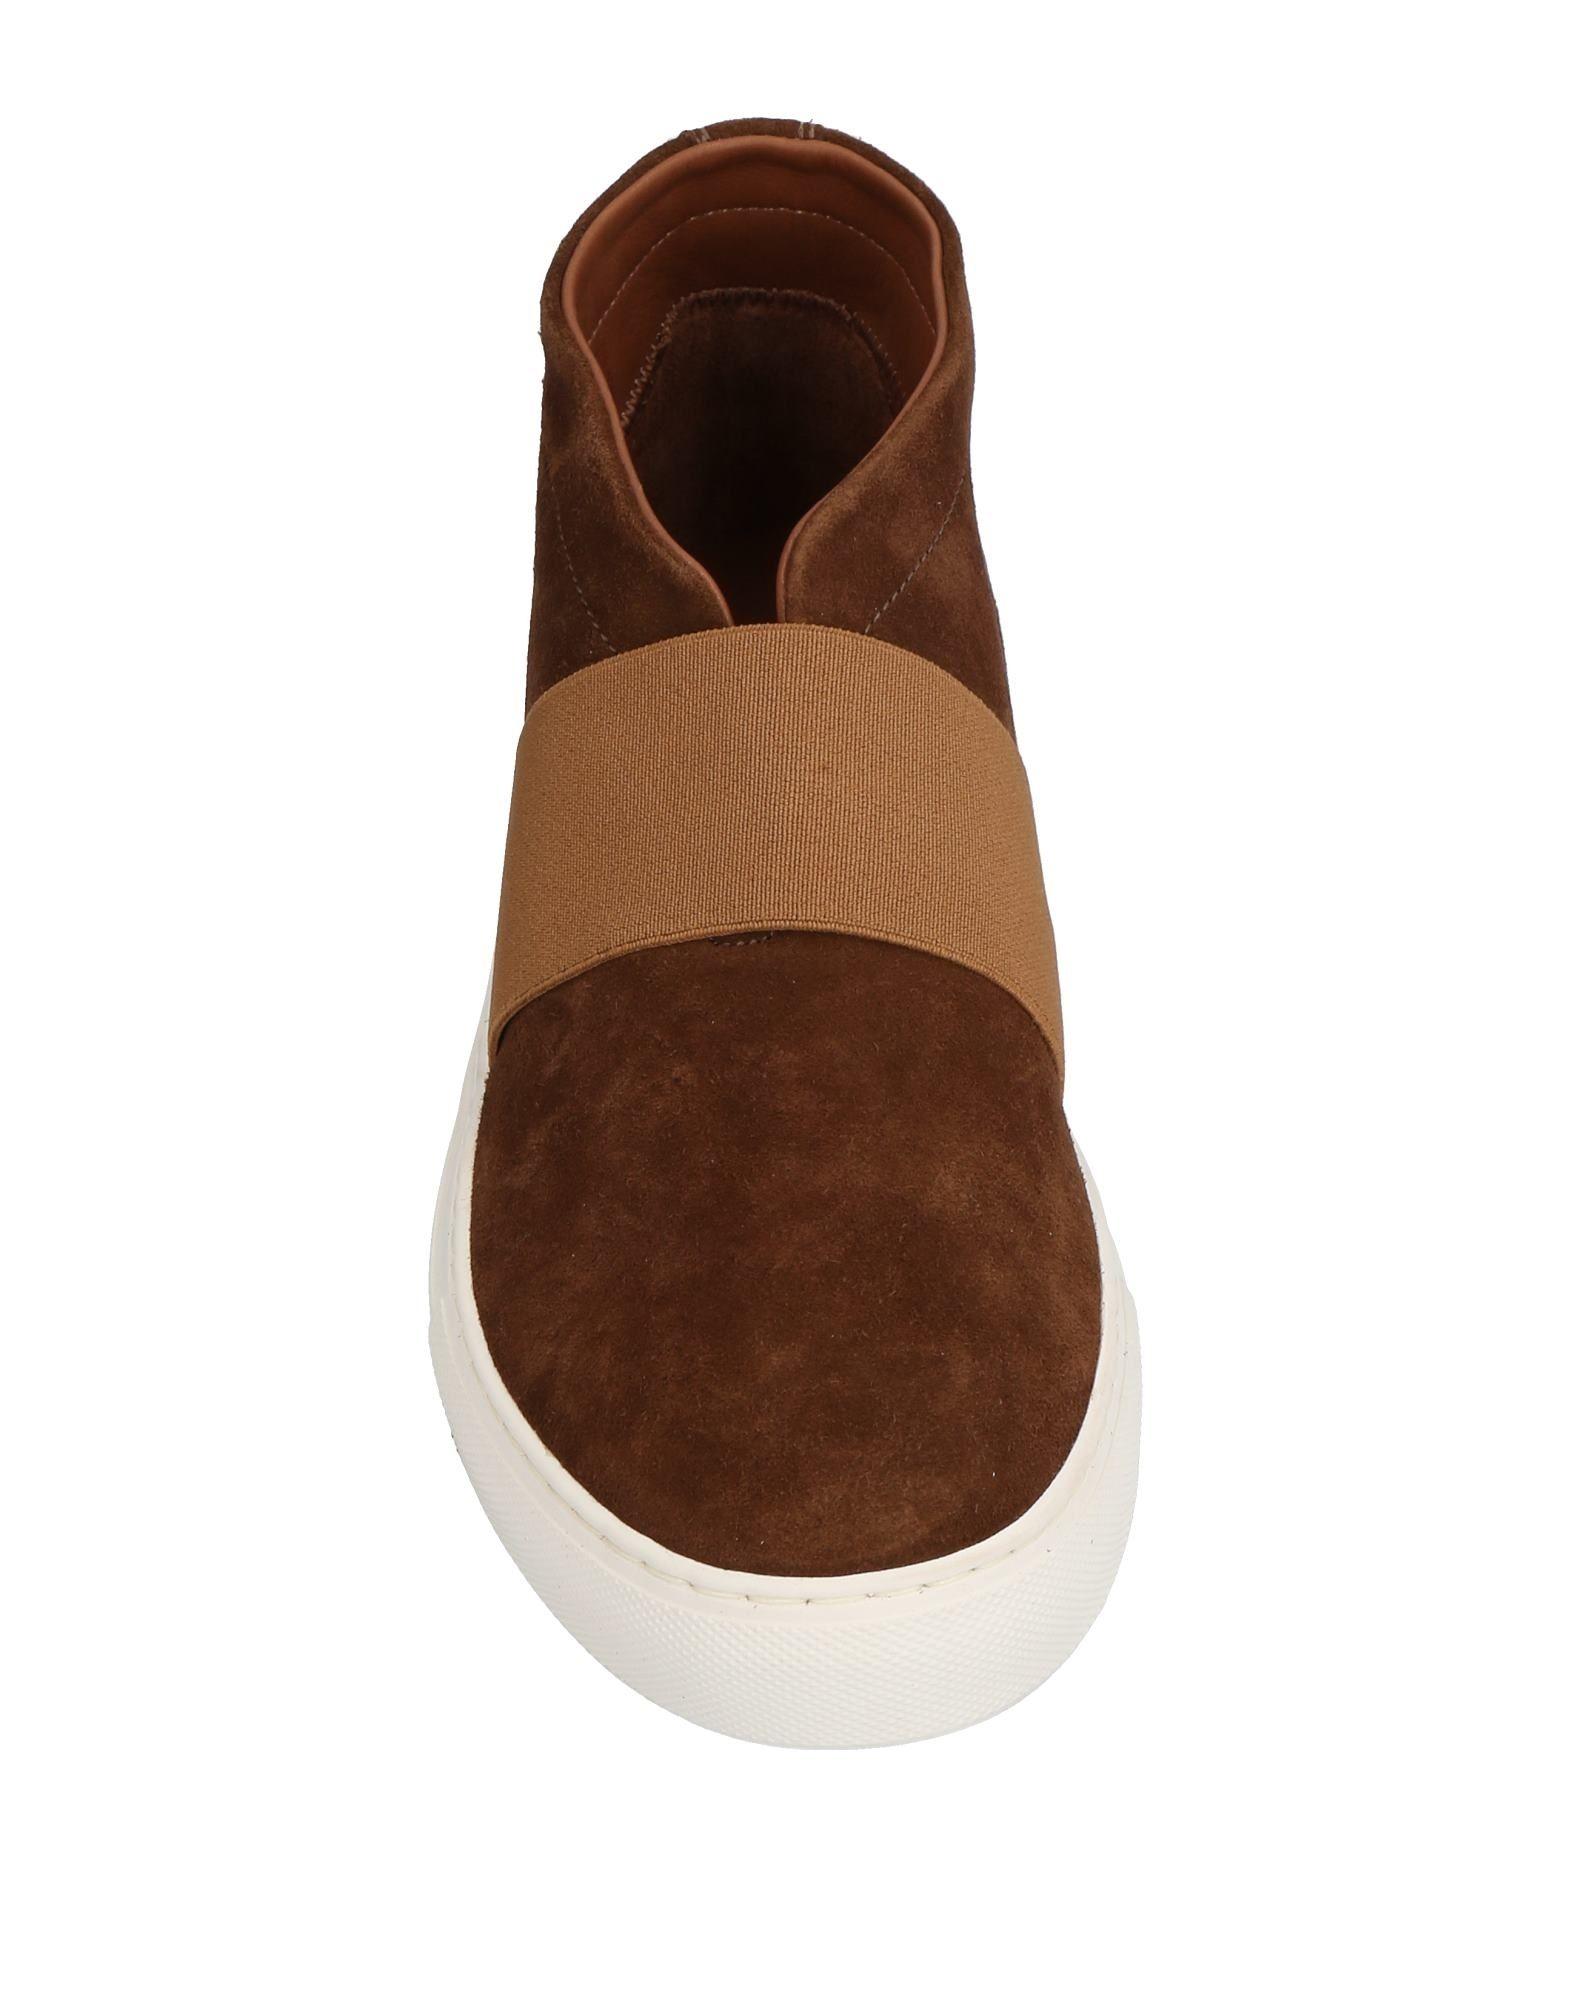 Diemme Sneakers Herren  11507413UG Schuhe Gute Qualität beliebte Schuhe 11507413UG 06abe4